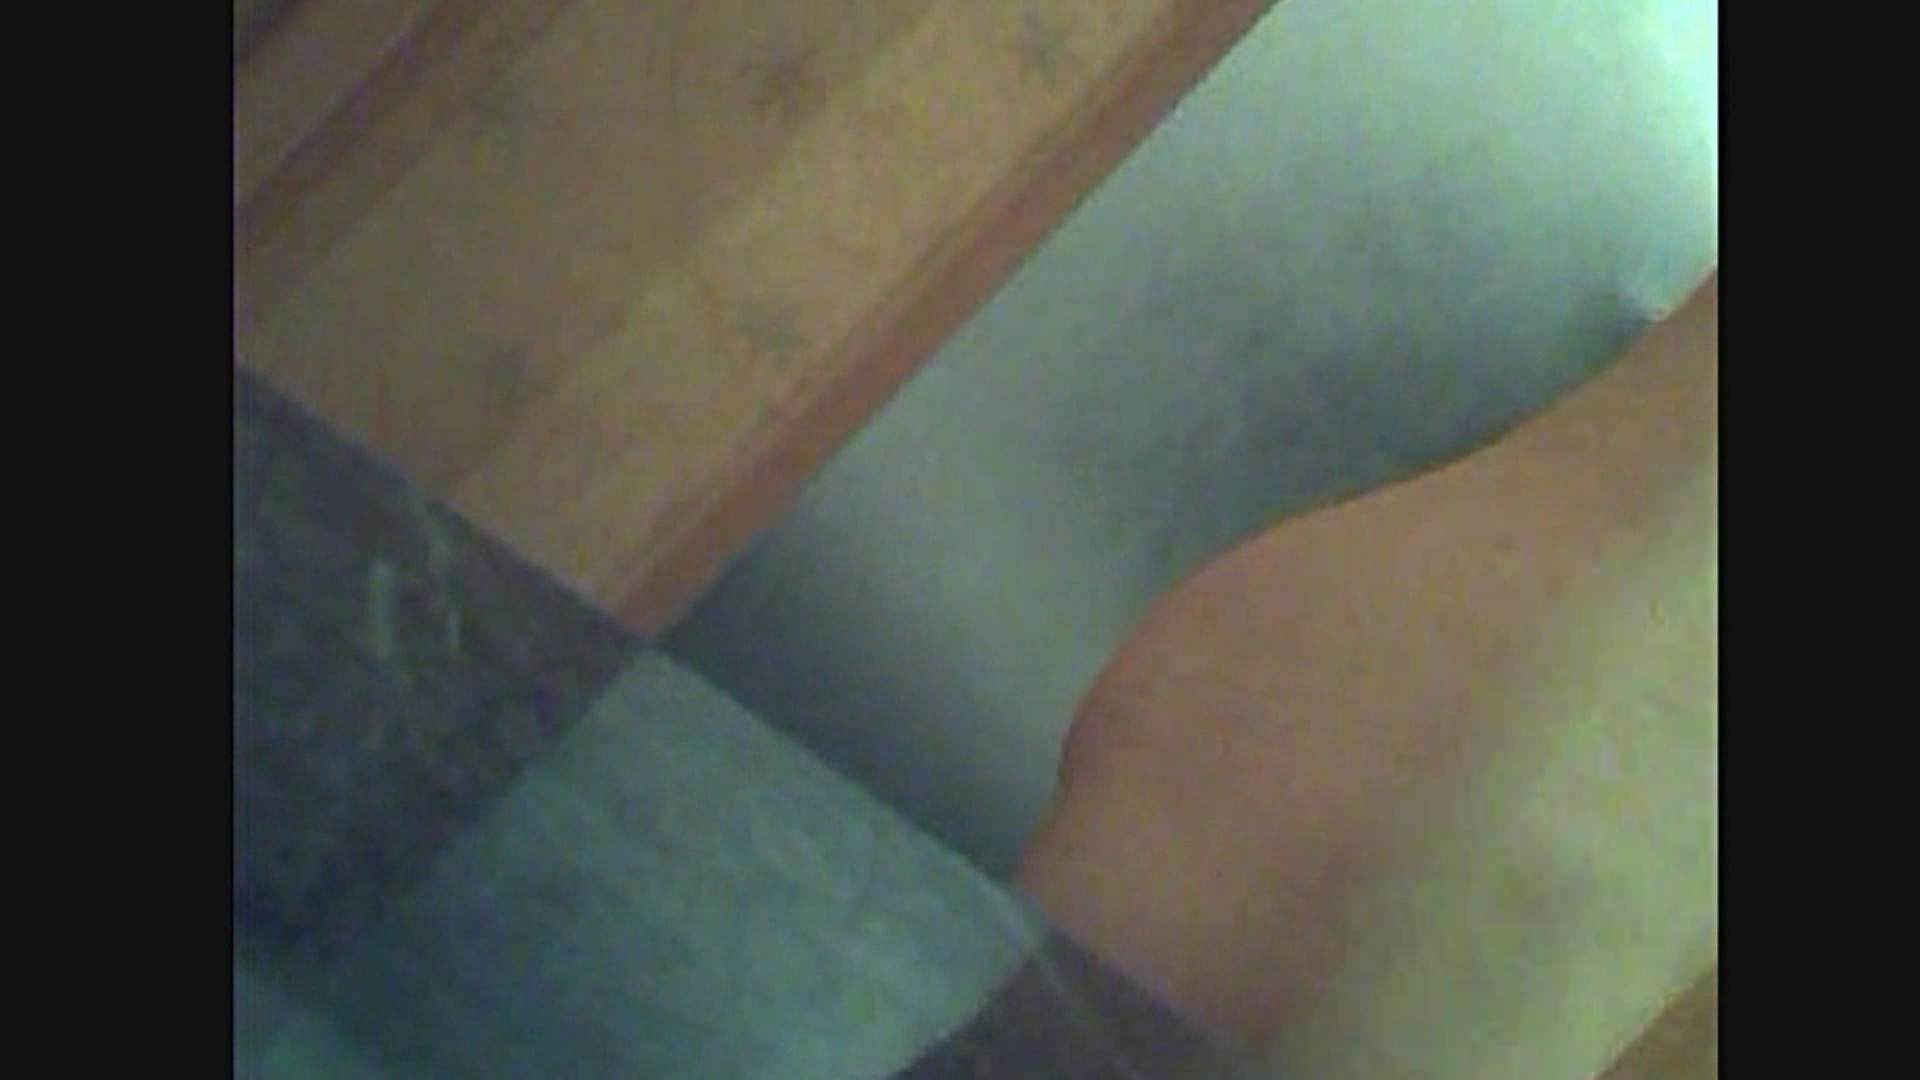 色白!!薬学科 ひろみちゃん  Vol.29 脱衣編 シャワー室 | いろんな乳首  108枚 55